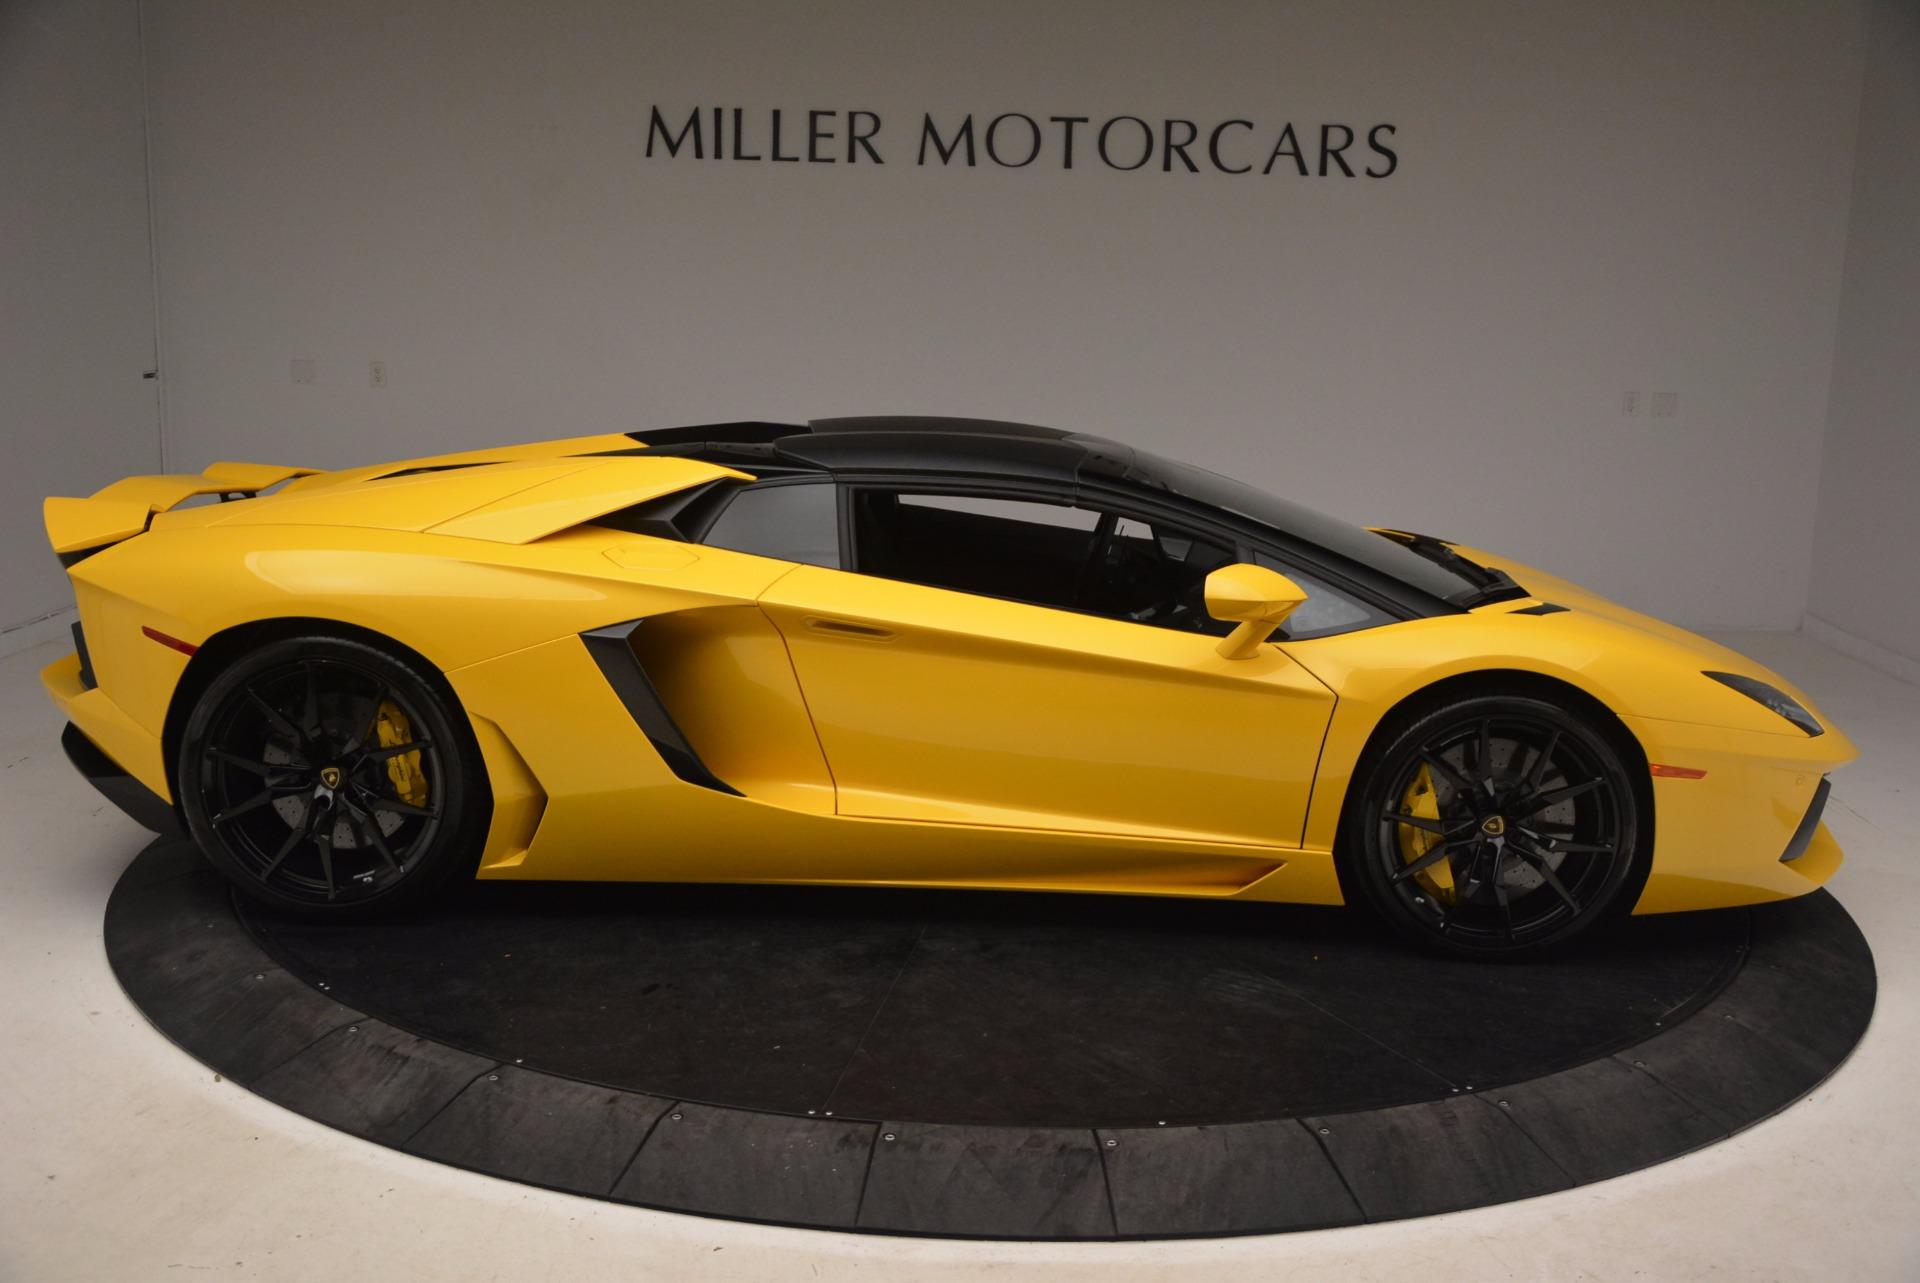 Used 2015 Lamborghini Aventador LP 700-4 Roadster For Sale In Greenwich, CT. Alfa Romeo of Greenwich, 7284 1774_p28